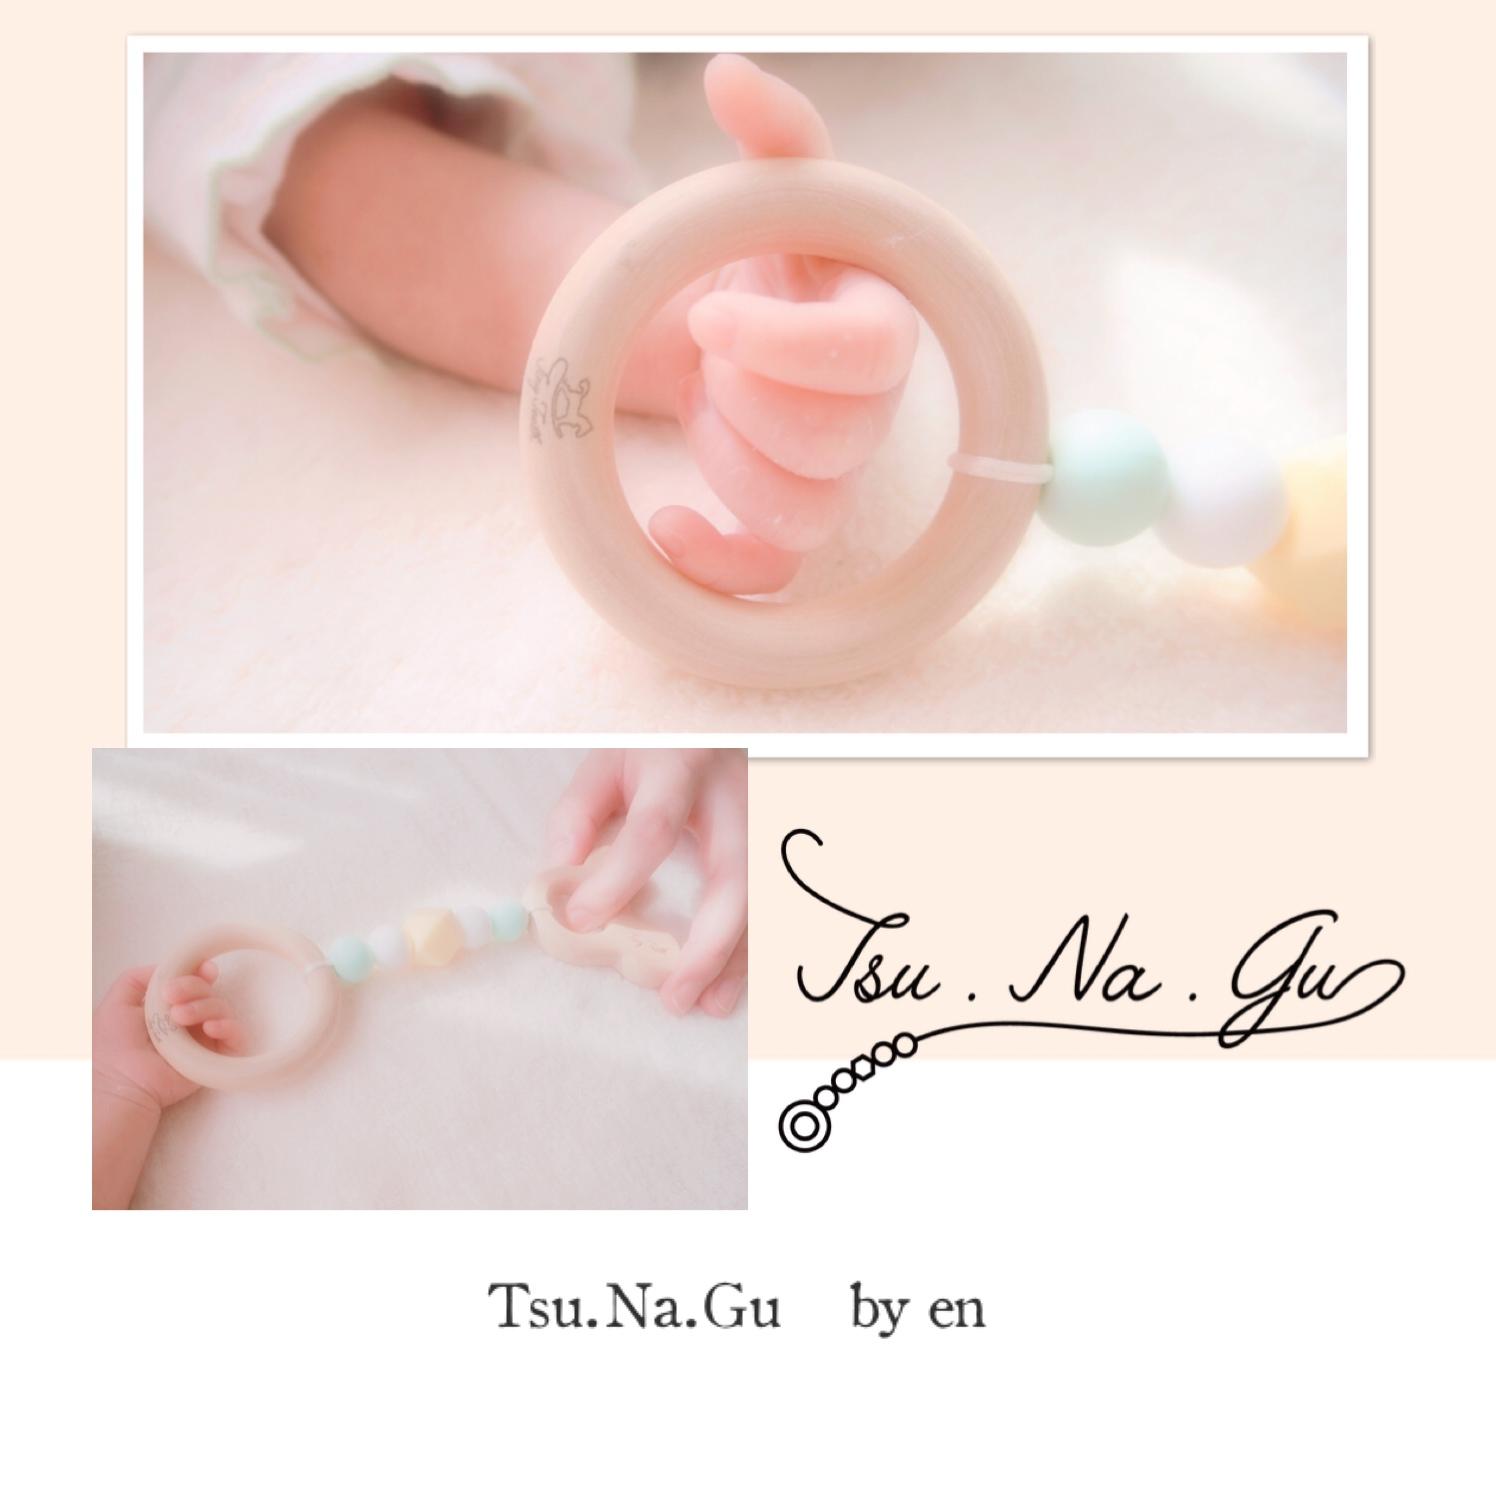 ~赤ちゃんへの贈りもの~ Tiny Teeth™ アイテムオーダー